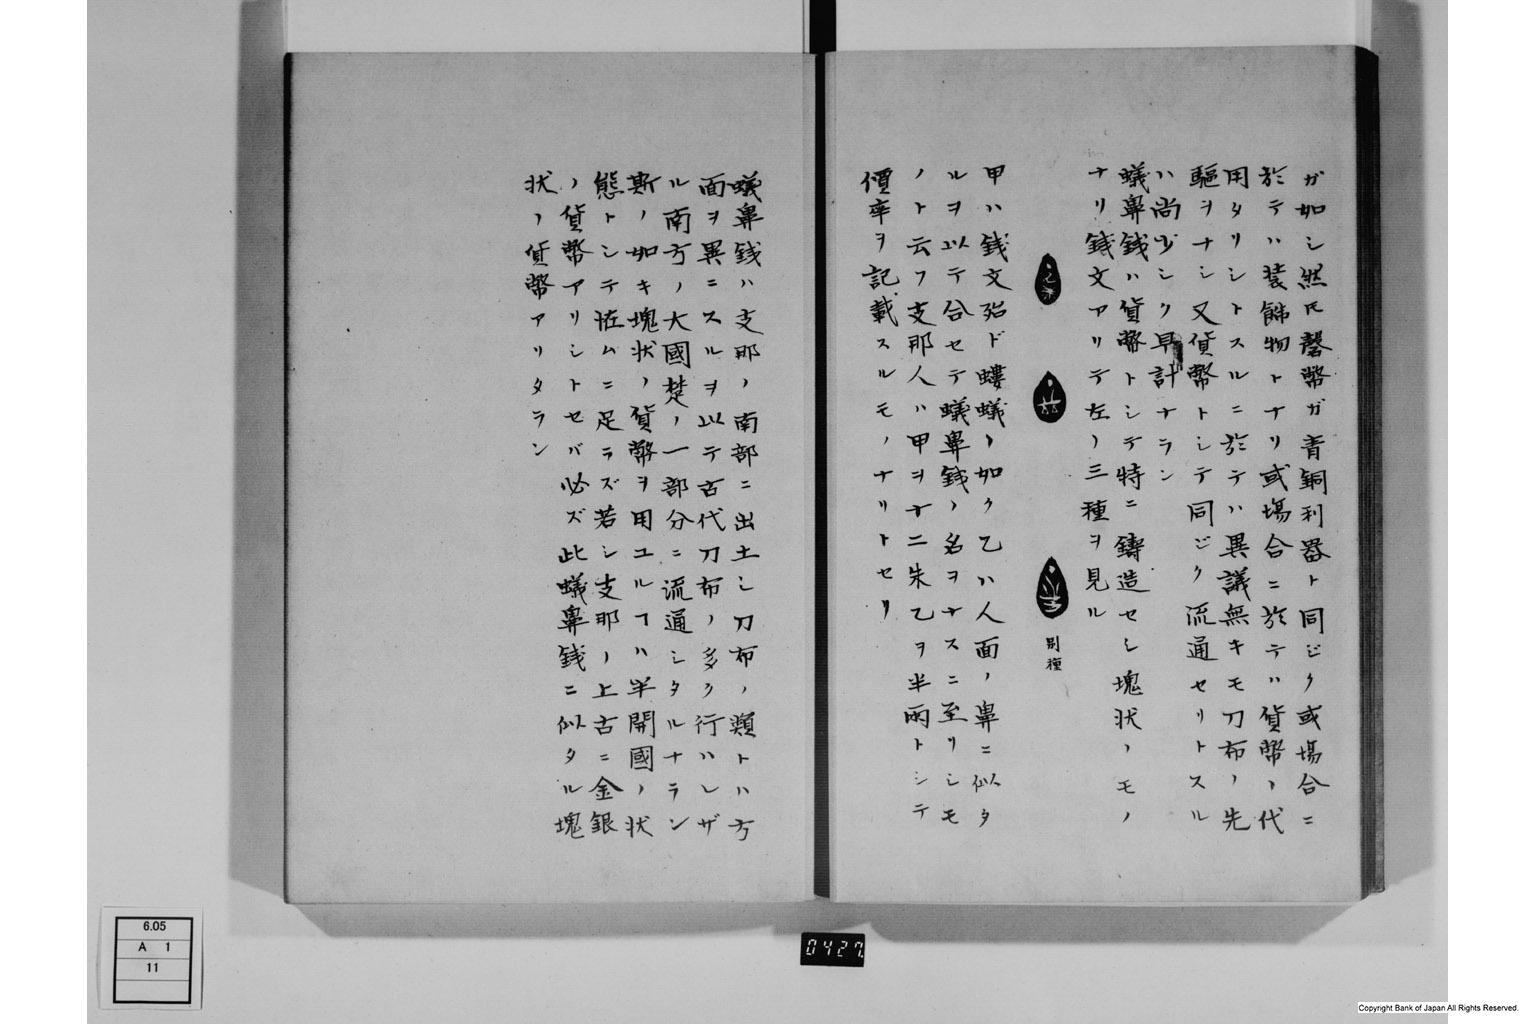 人 と は 支那 中国人の嫌いな「支那(シナ)」。日本での使用例やNGの理由